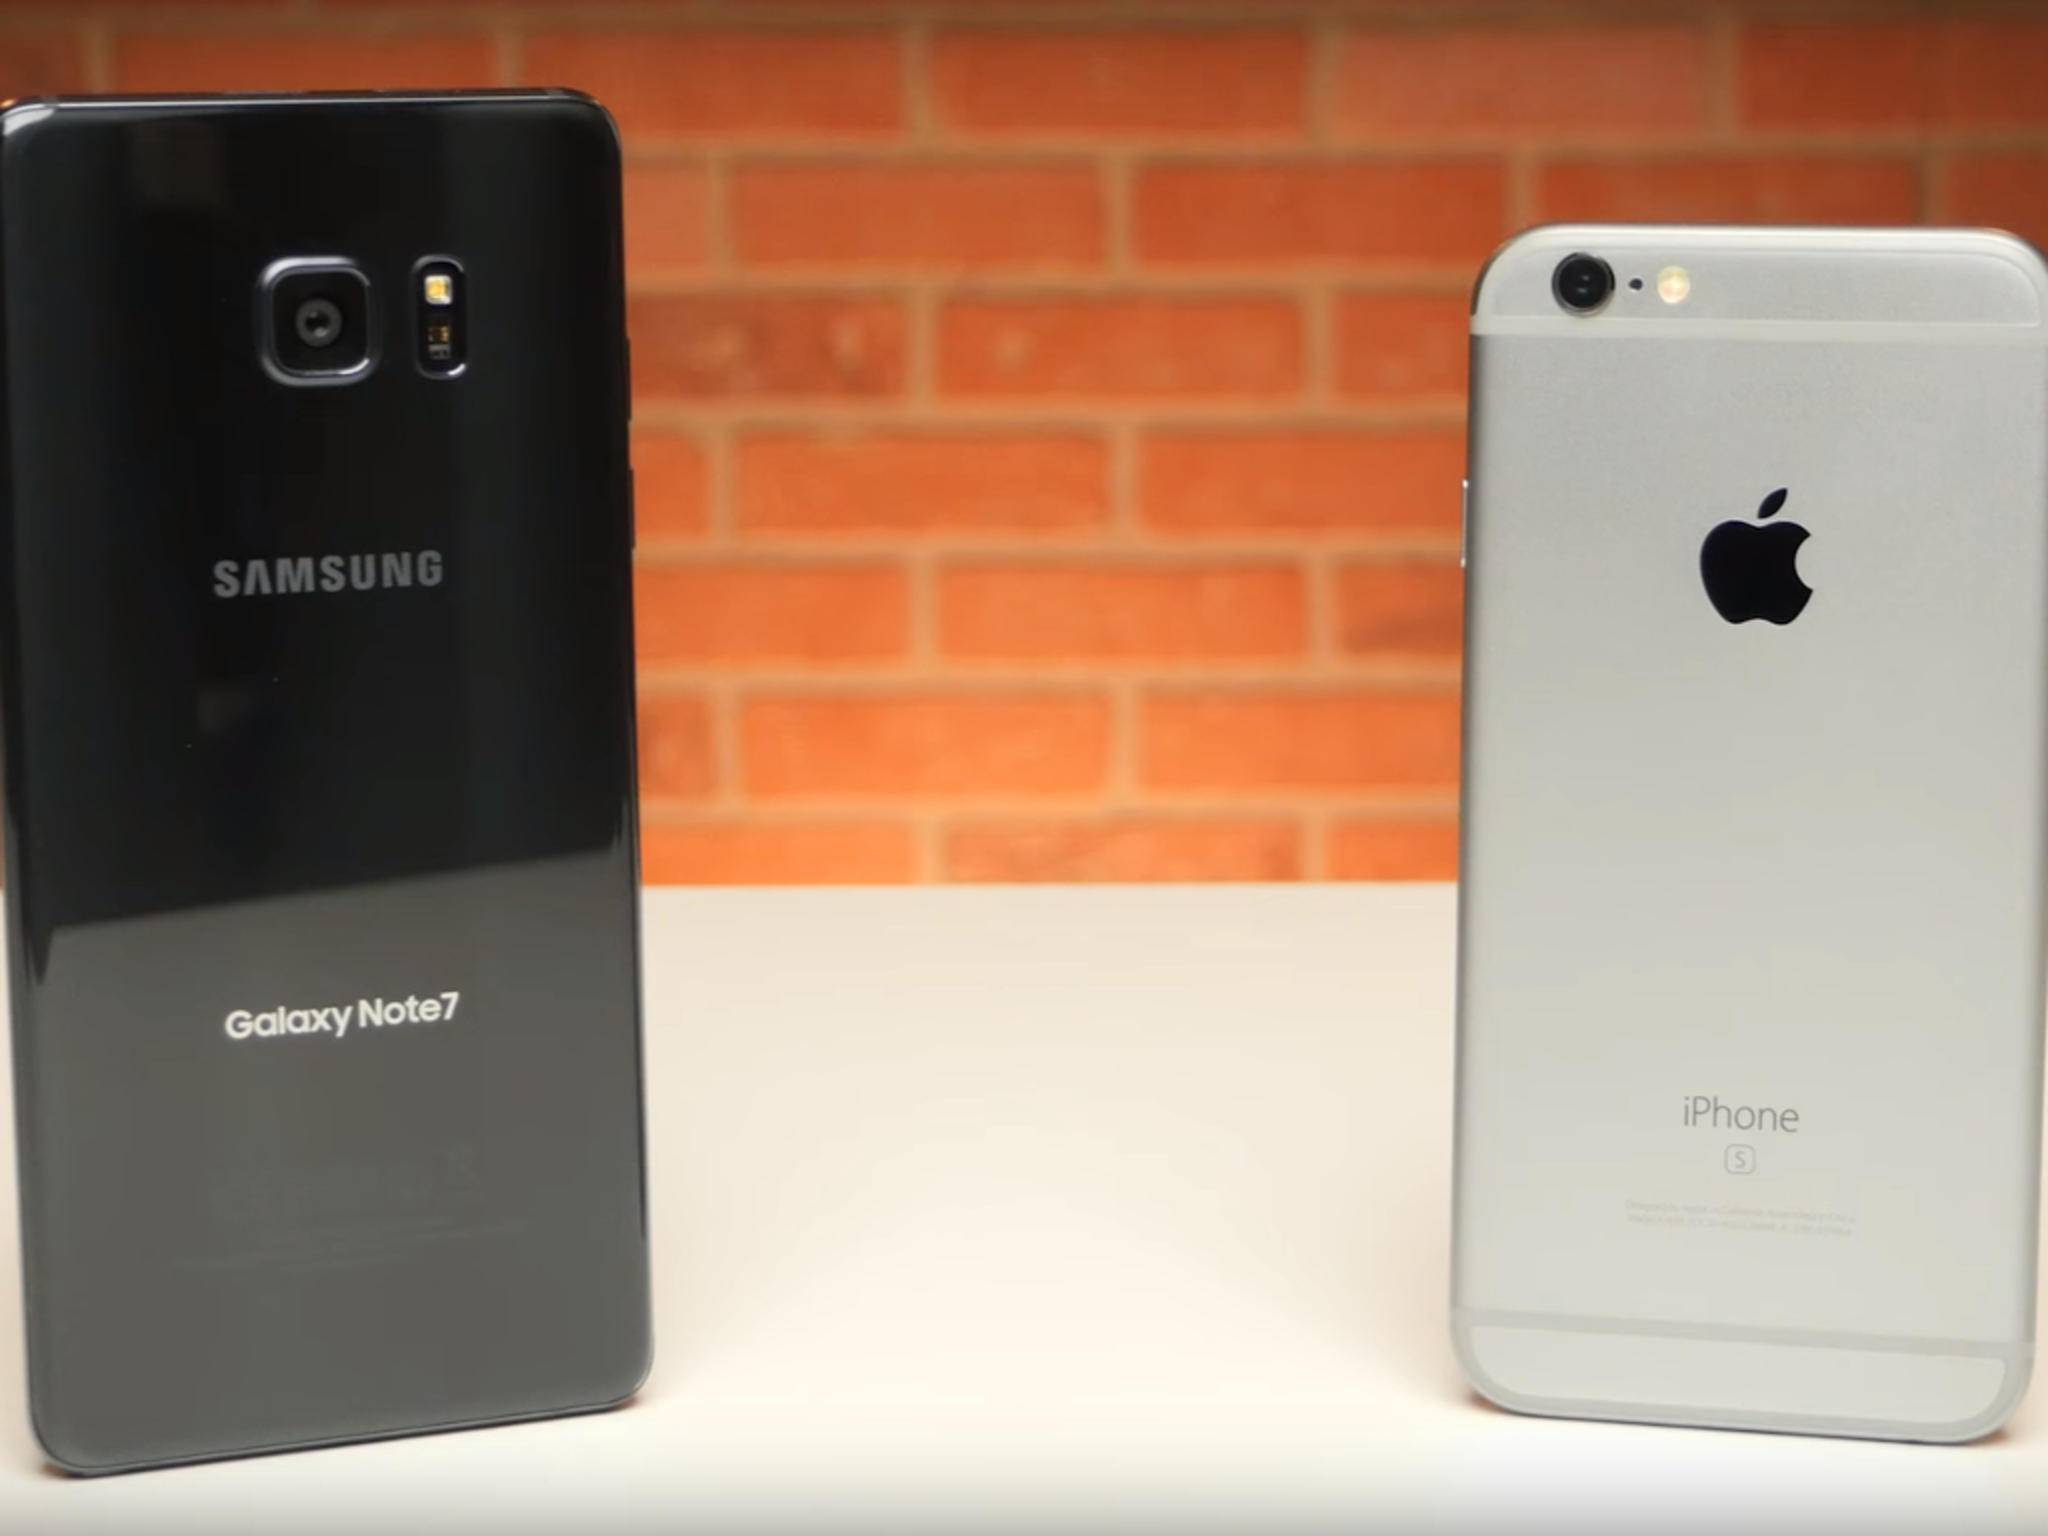 Das Galaxy Note 7 zog bei einem App-Test bereits den Kürzeren gegen das iPhone 6s.